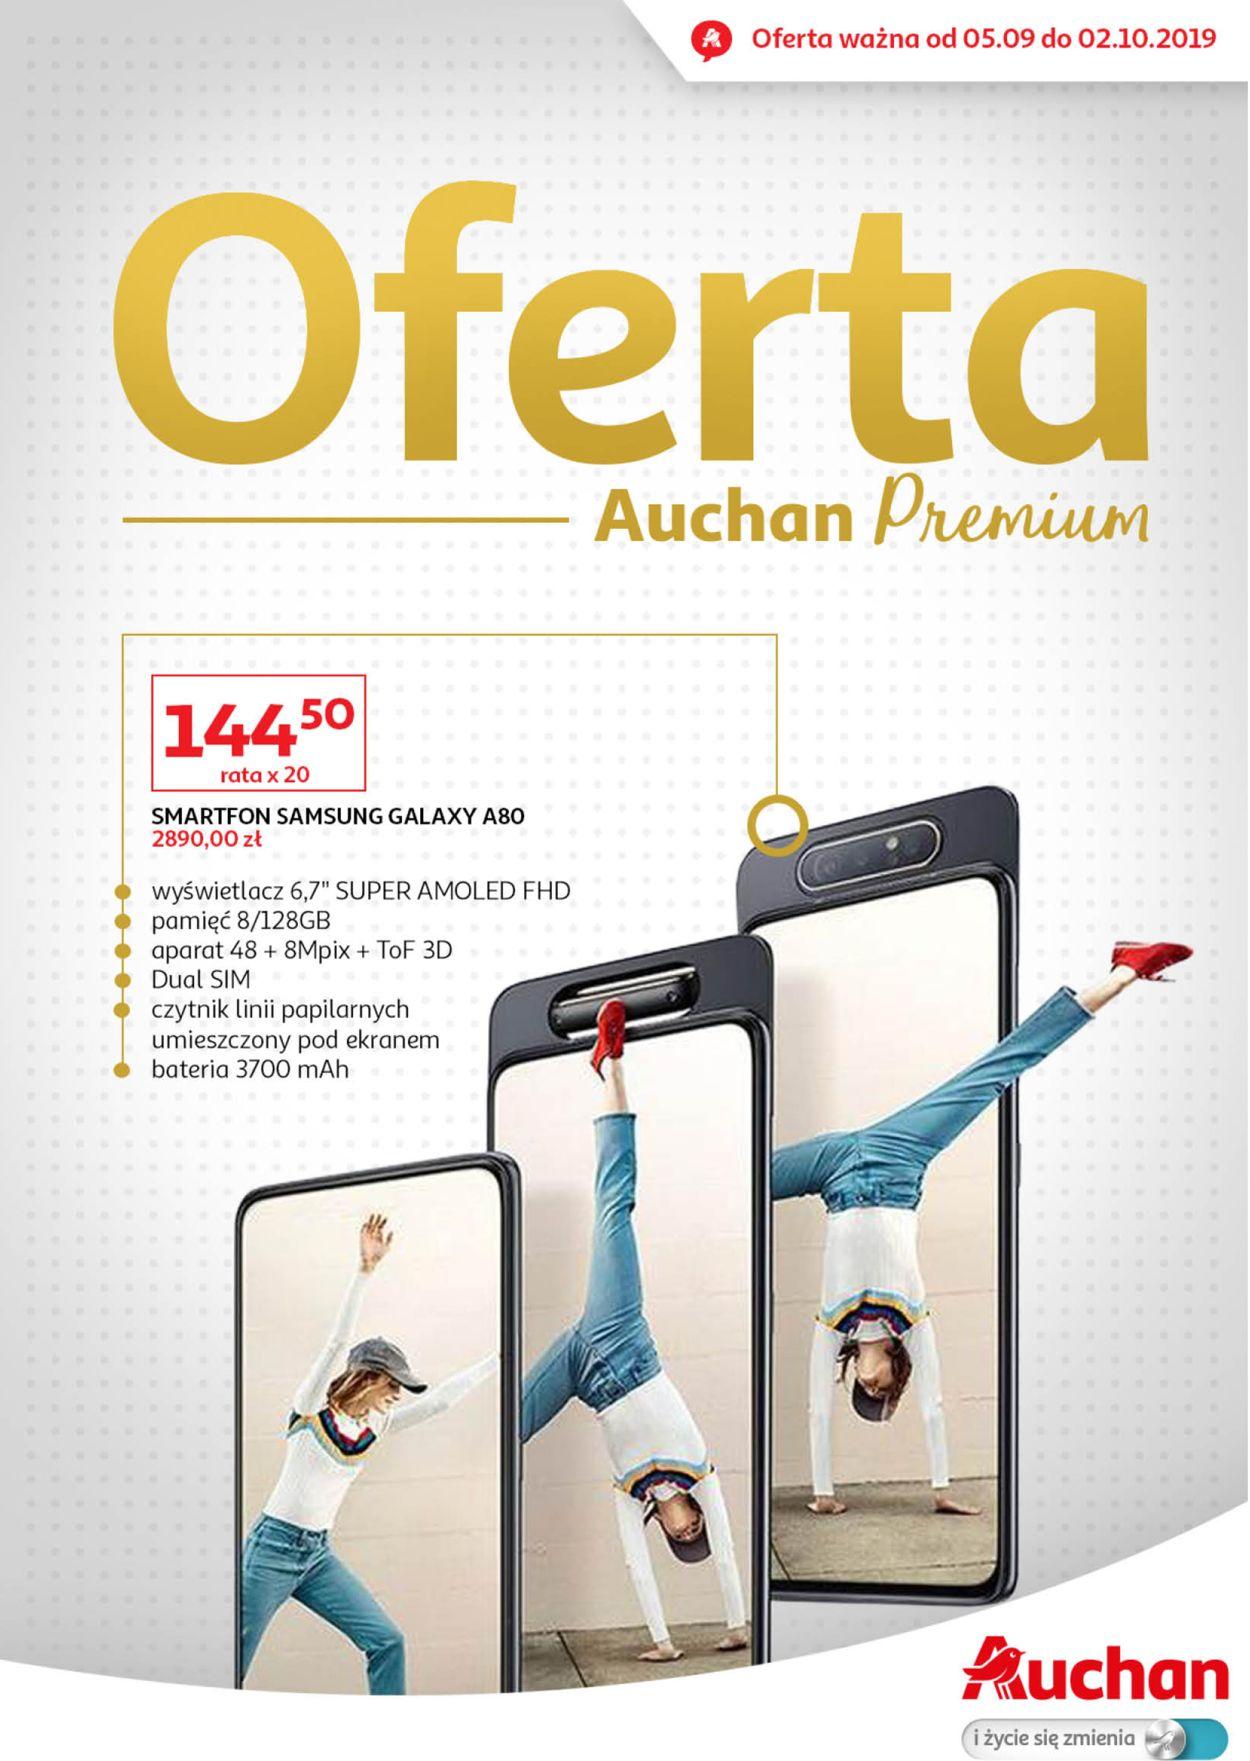 Gazetka promocyjna Auchan - 05.09-02.10.2019